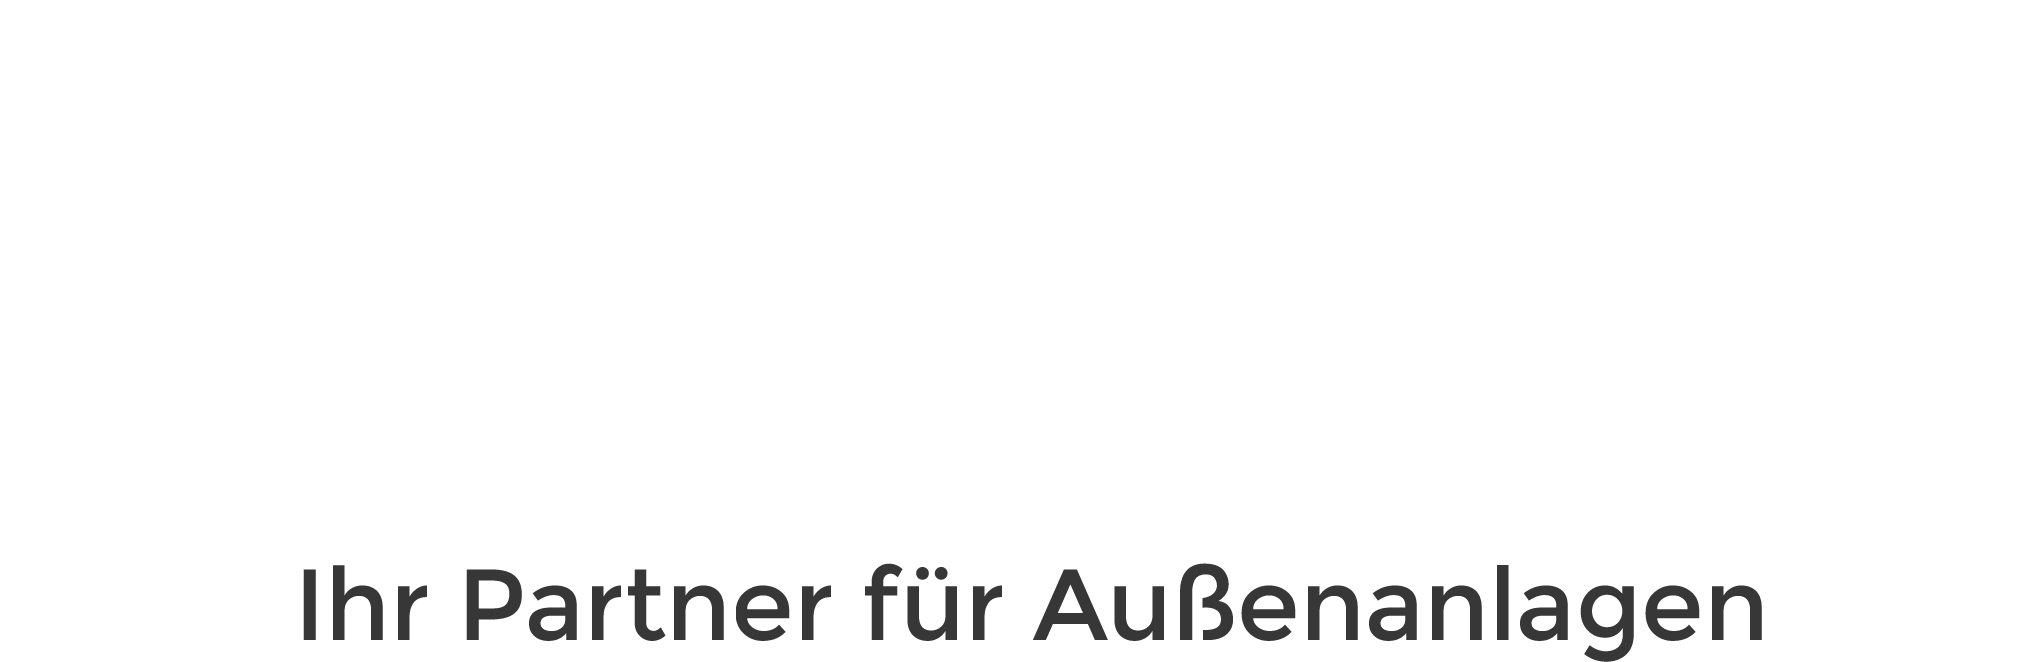 Landschaftsbau Schebitz GmbH